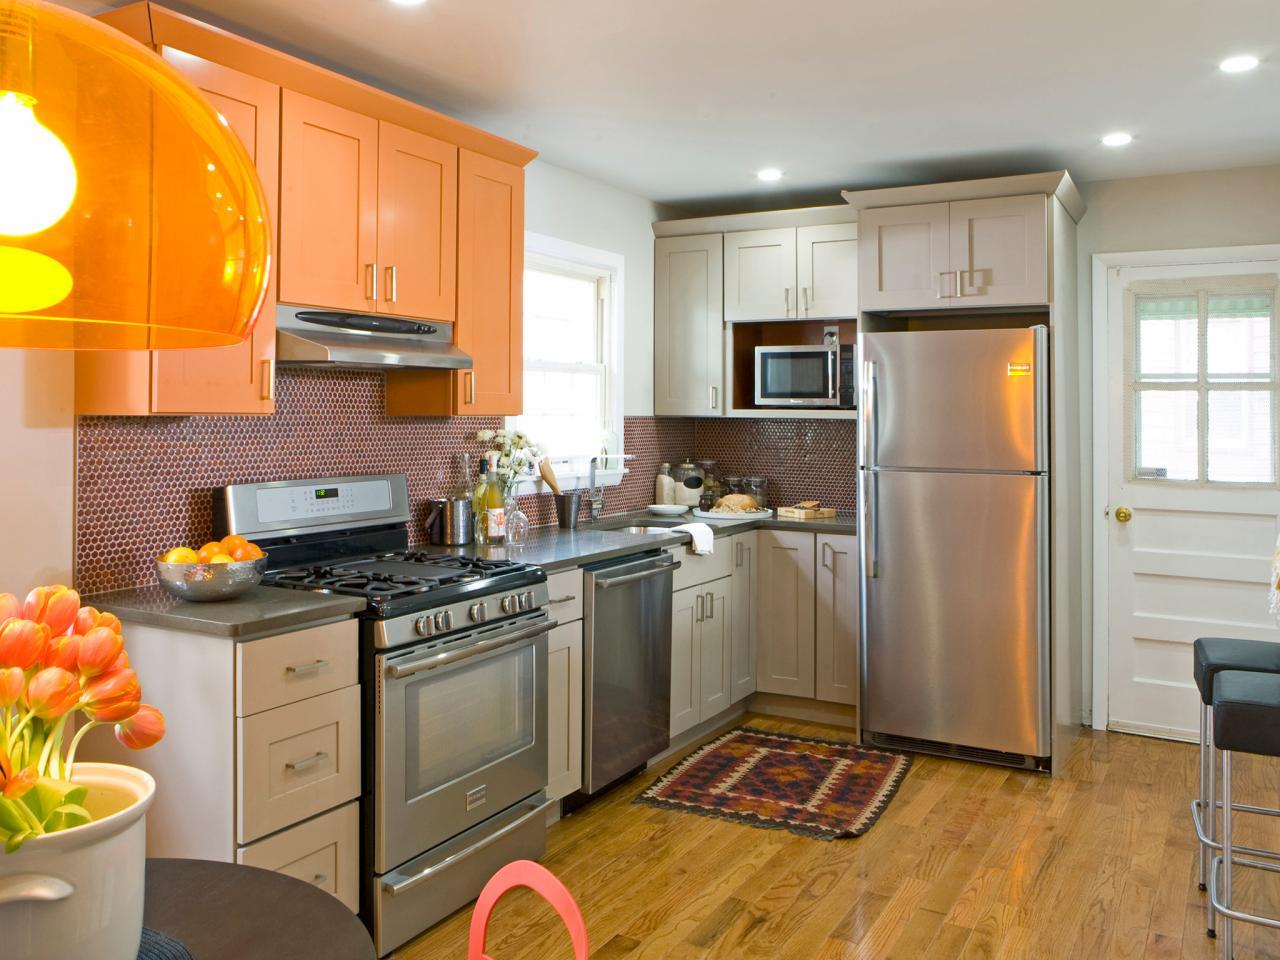 cucina-arancione-moderna-piccola